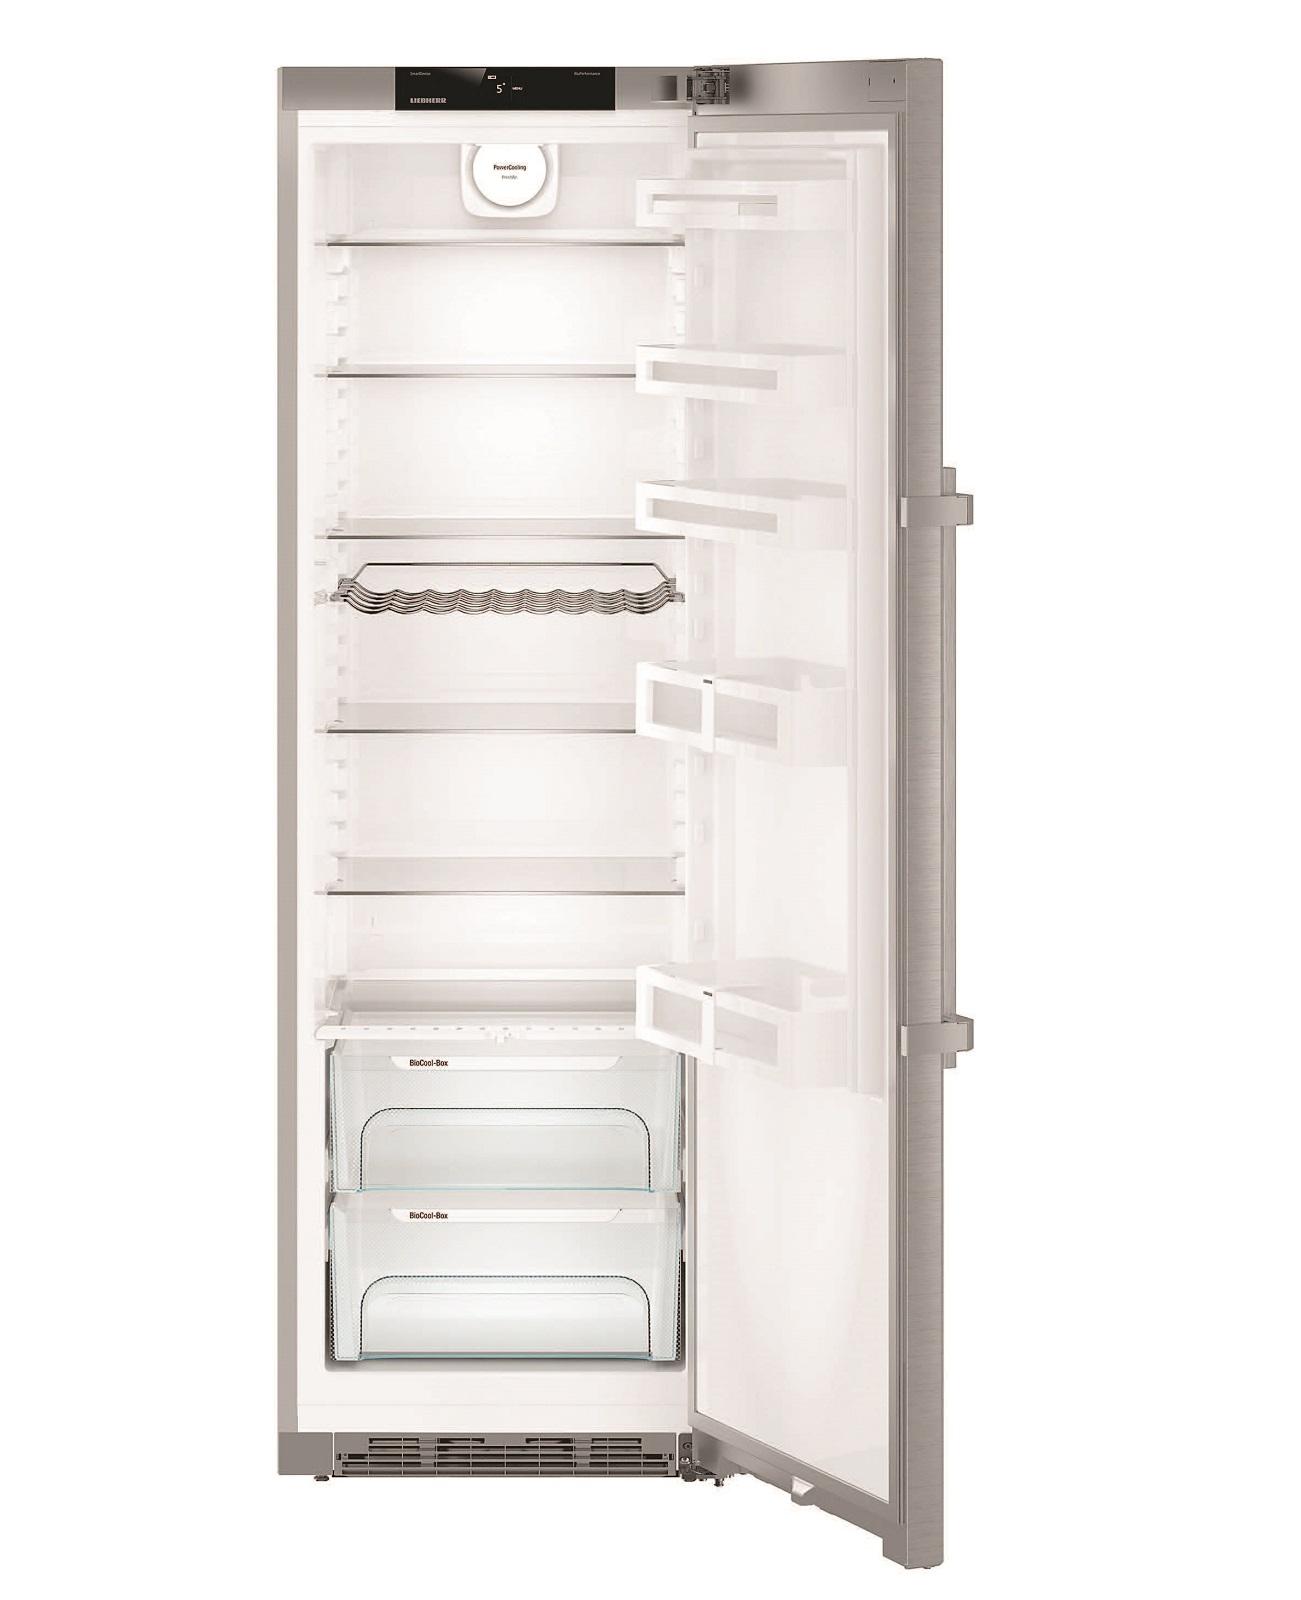 купить Однокамерный холодильник Liebherr Kef 4330 Украина фото 5